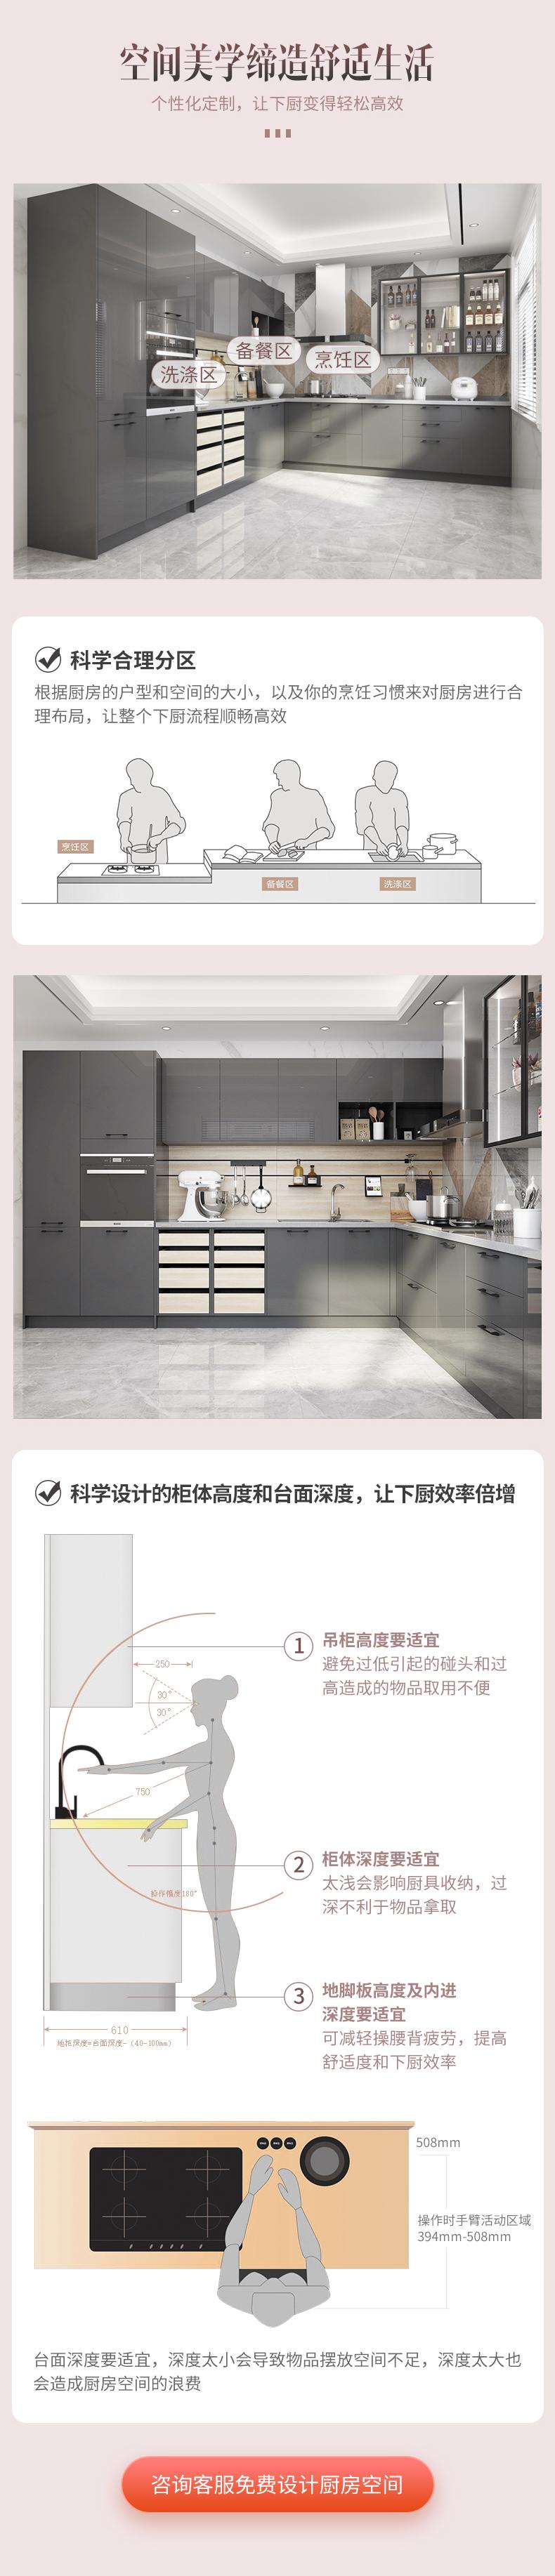 20210907-莫丽橱柜15800详情页_05.jpg